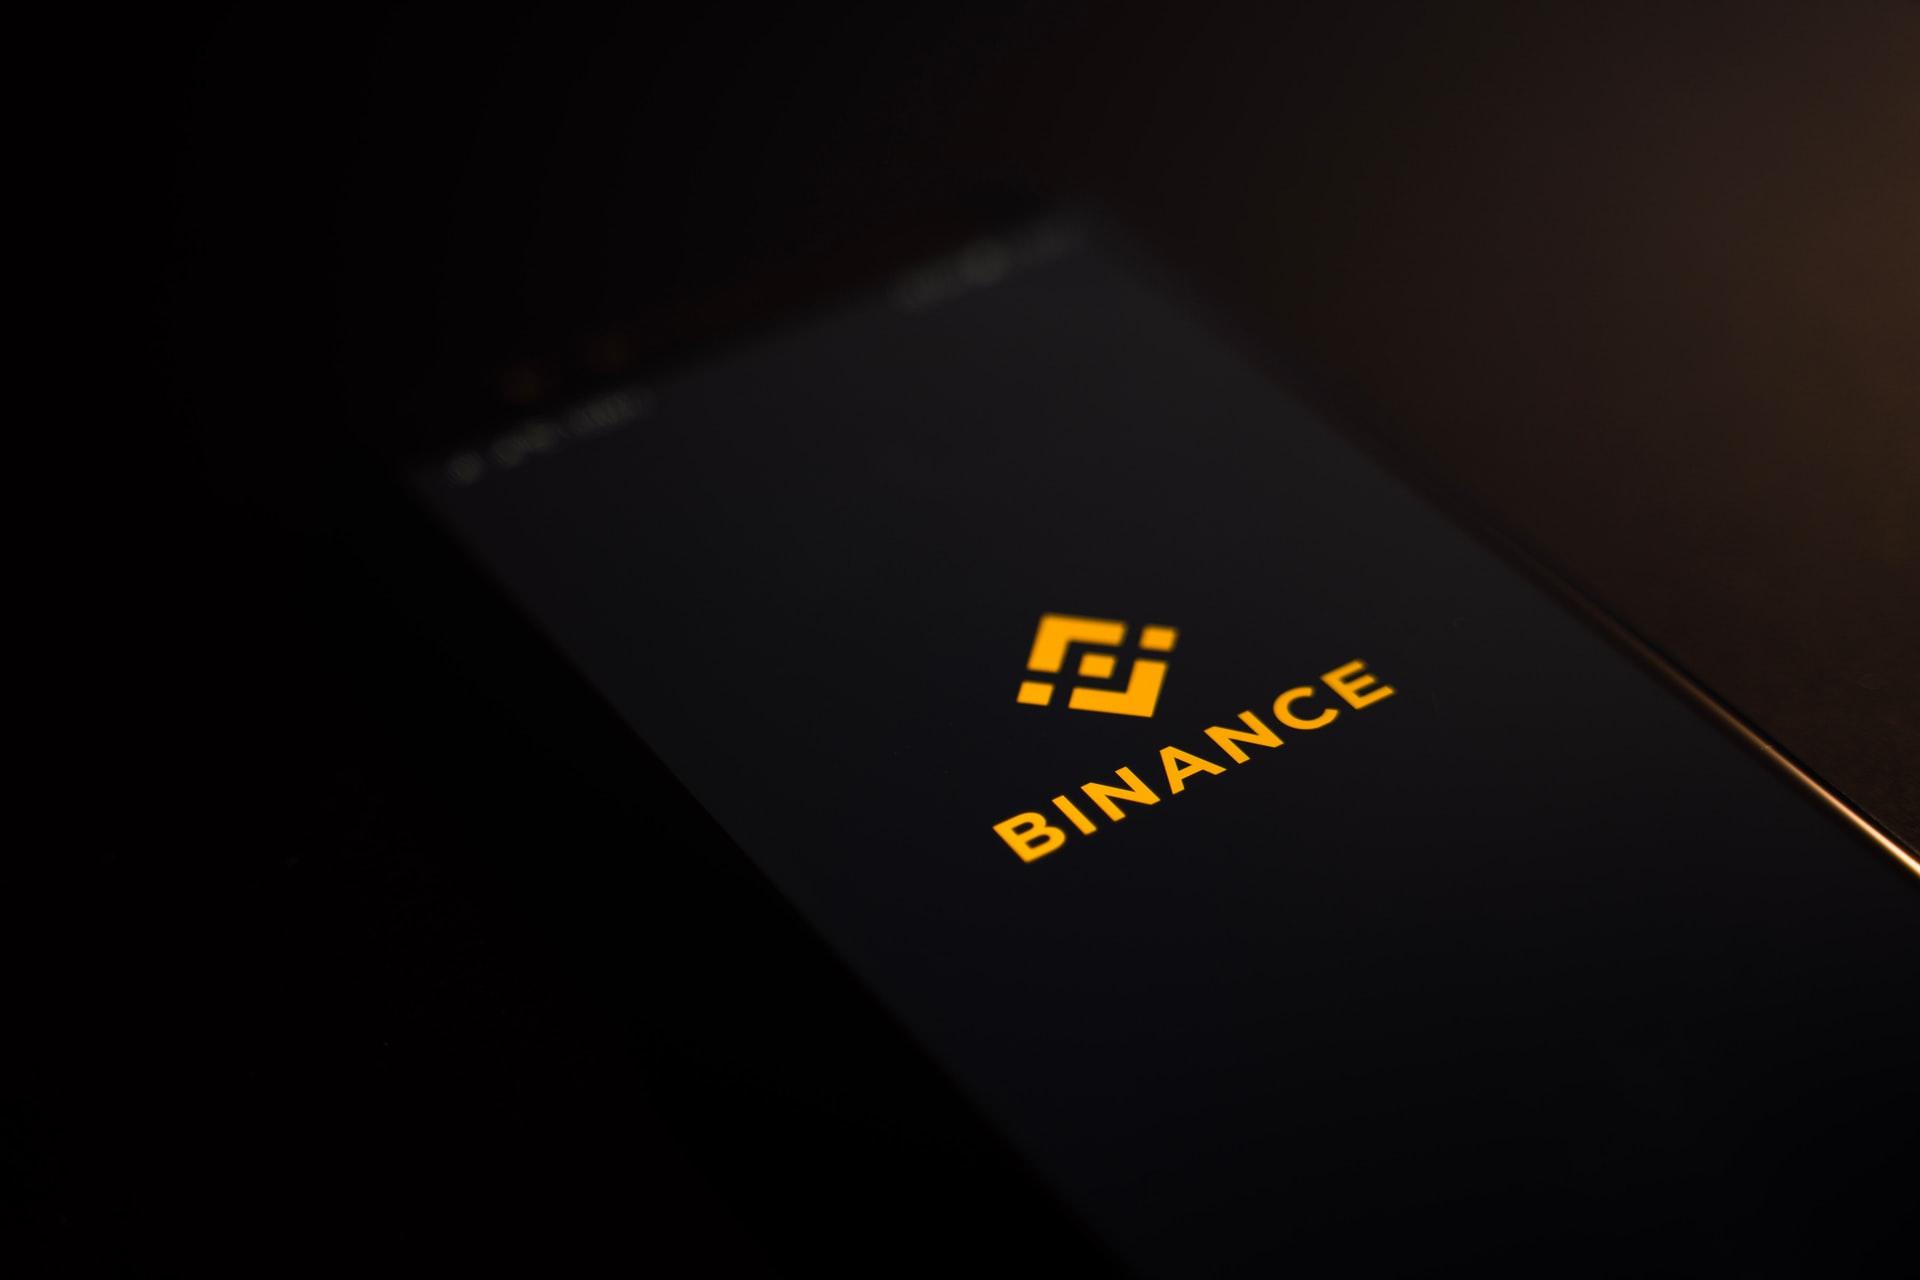 Luego de su lanzamiento en fase beta, Binance continúa impulsando su herramienta de pagos con criptomonedas entre comerciantes y consumidores